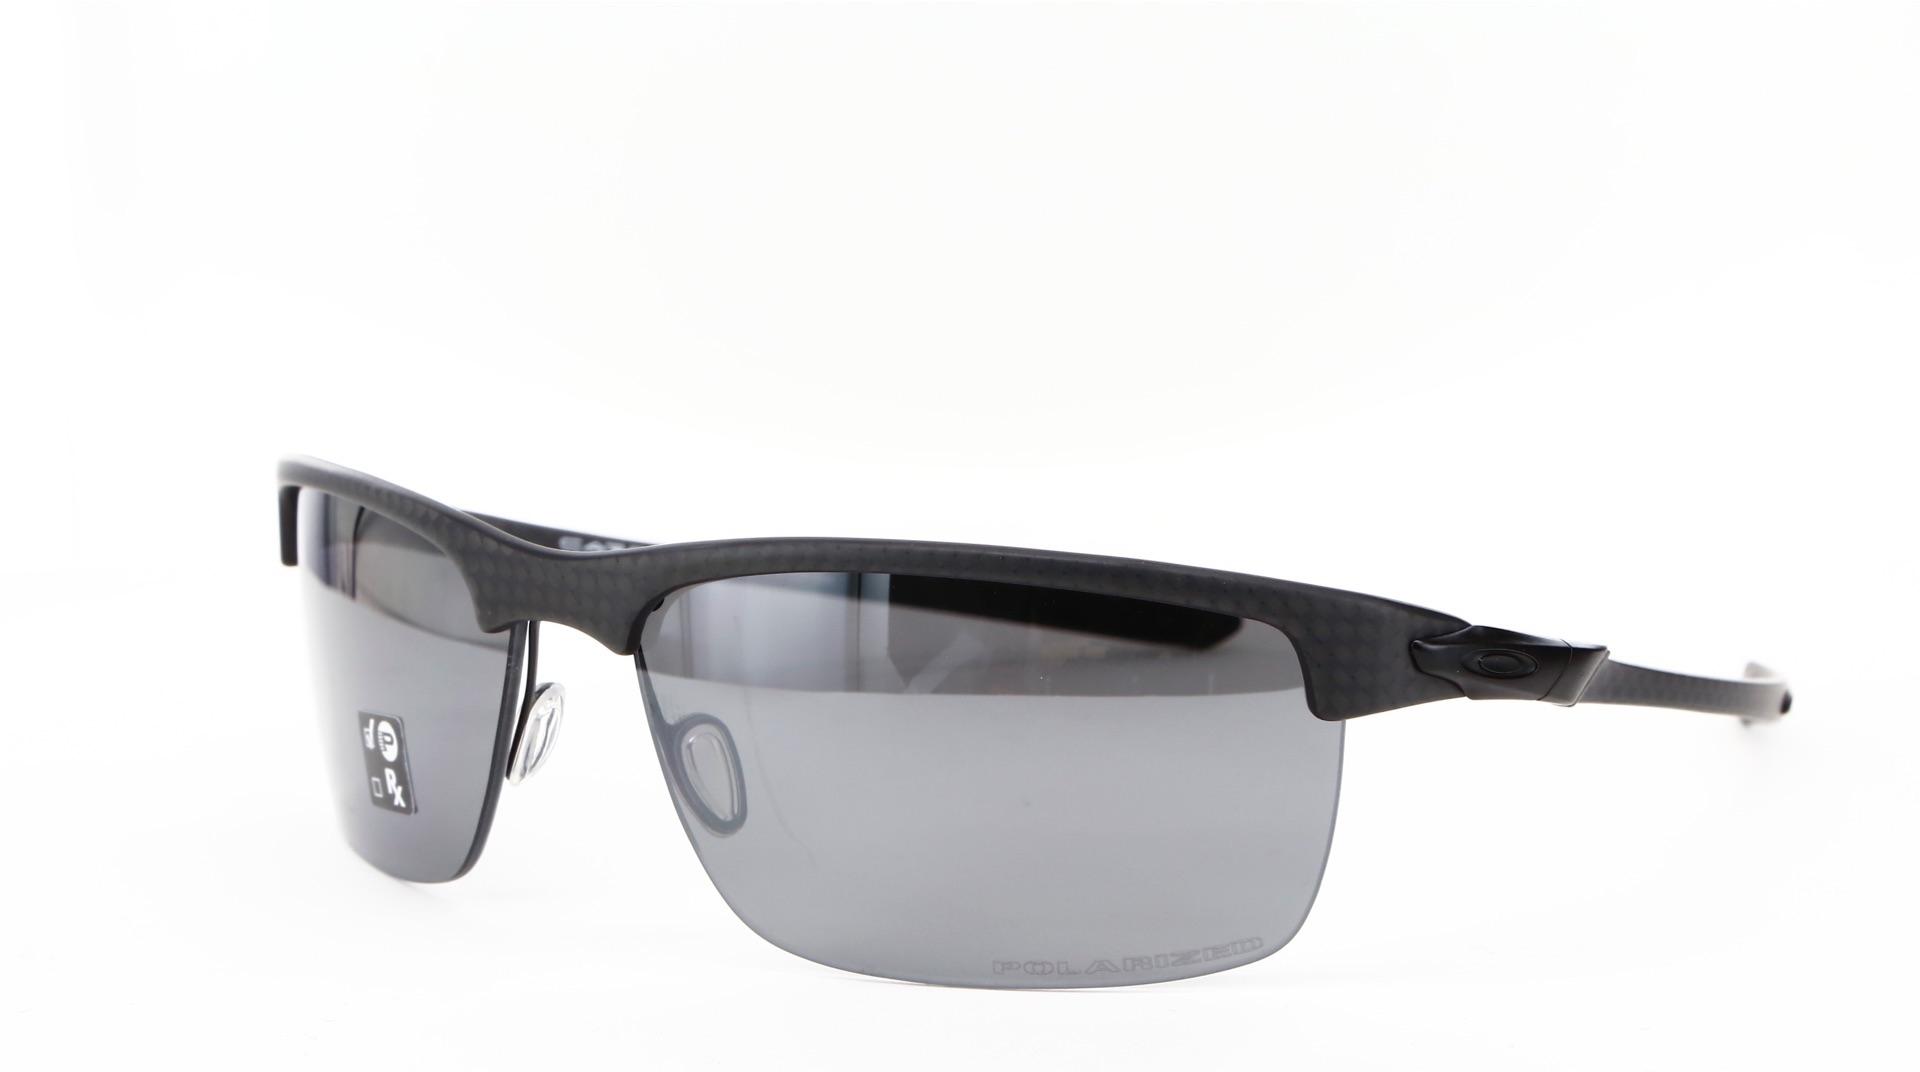 Oakley - ref: 71671